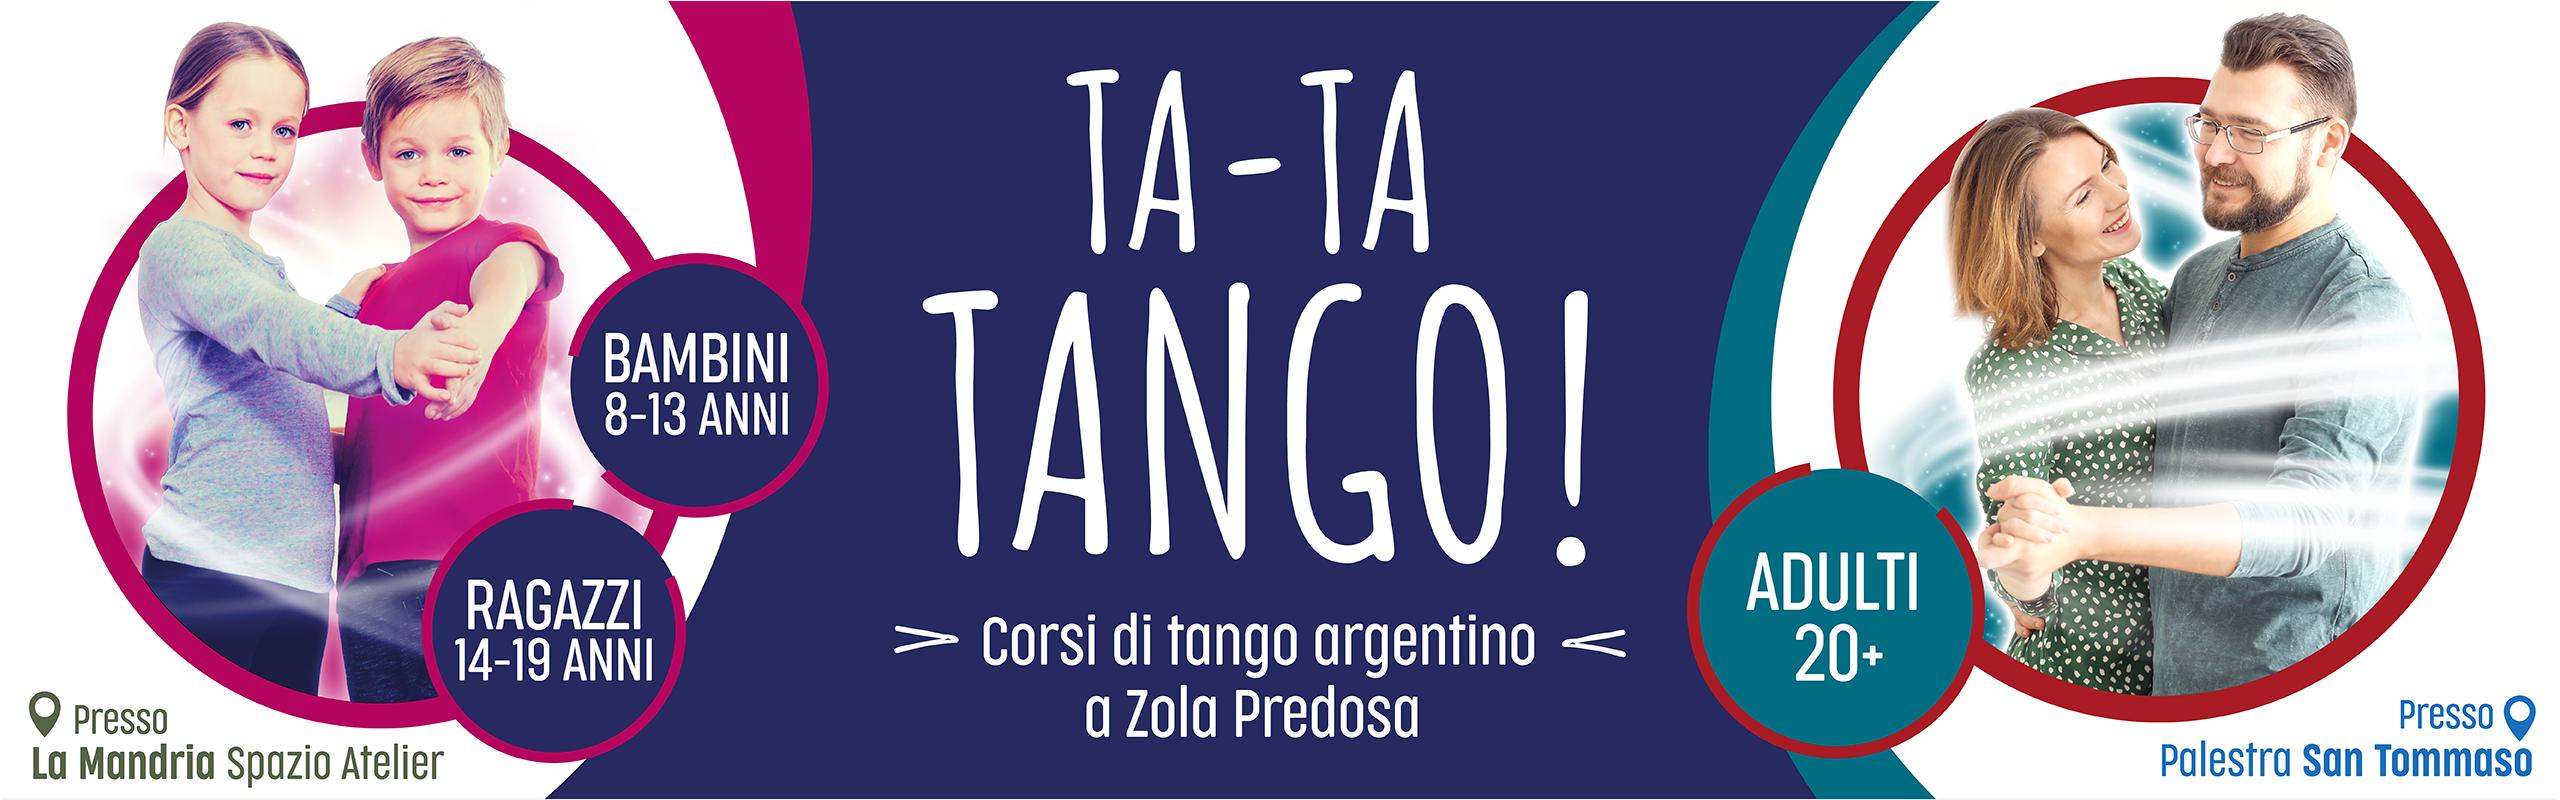 corsi di tango argentino a Zola Predosa (Bologna) per bambini, ragazzi e adulti